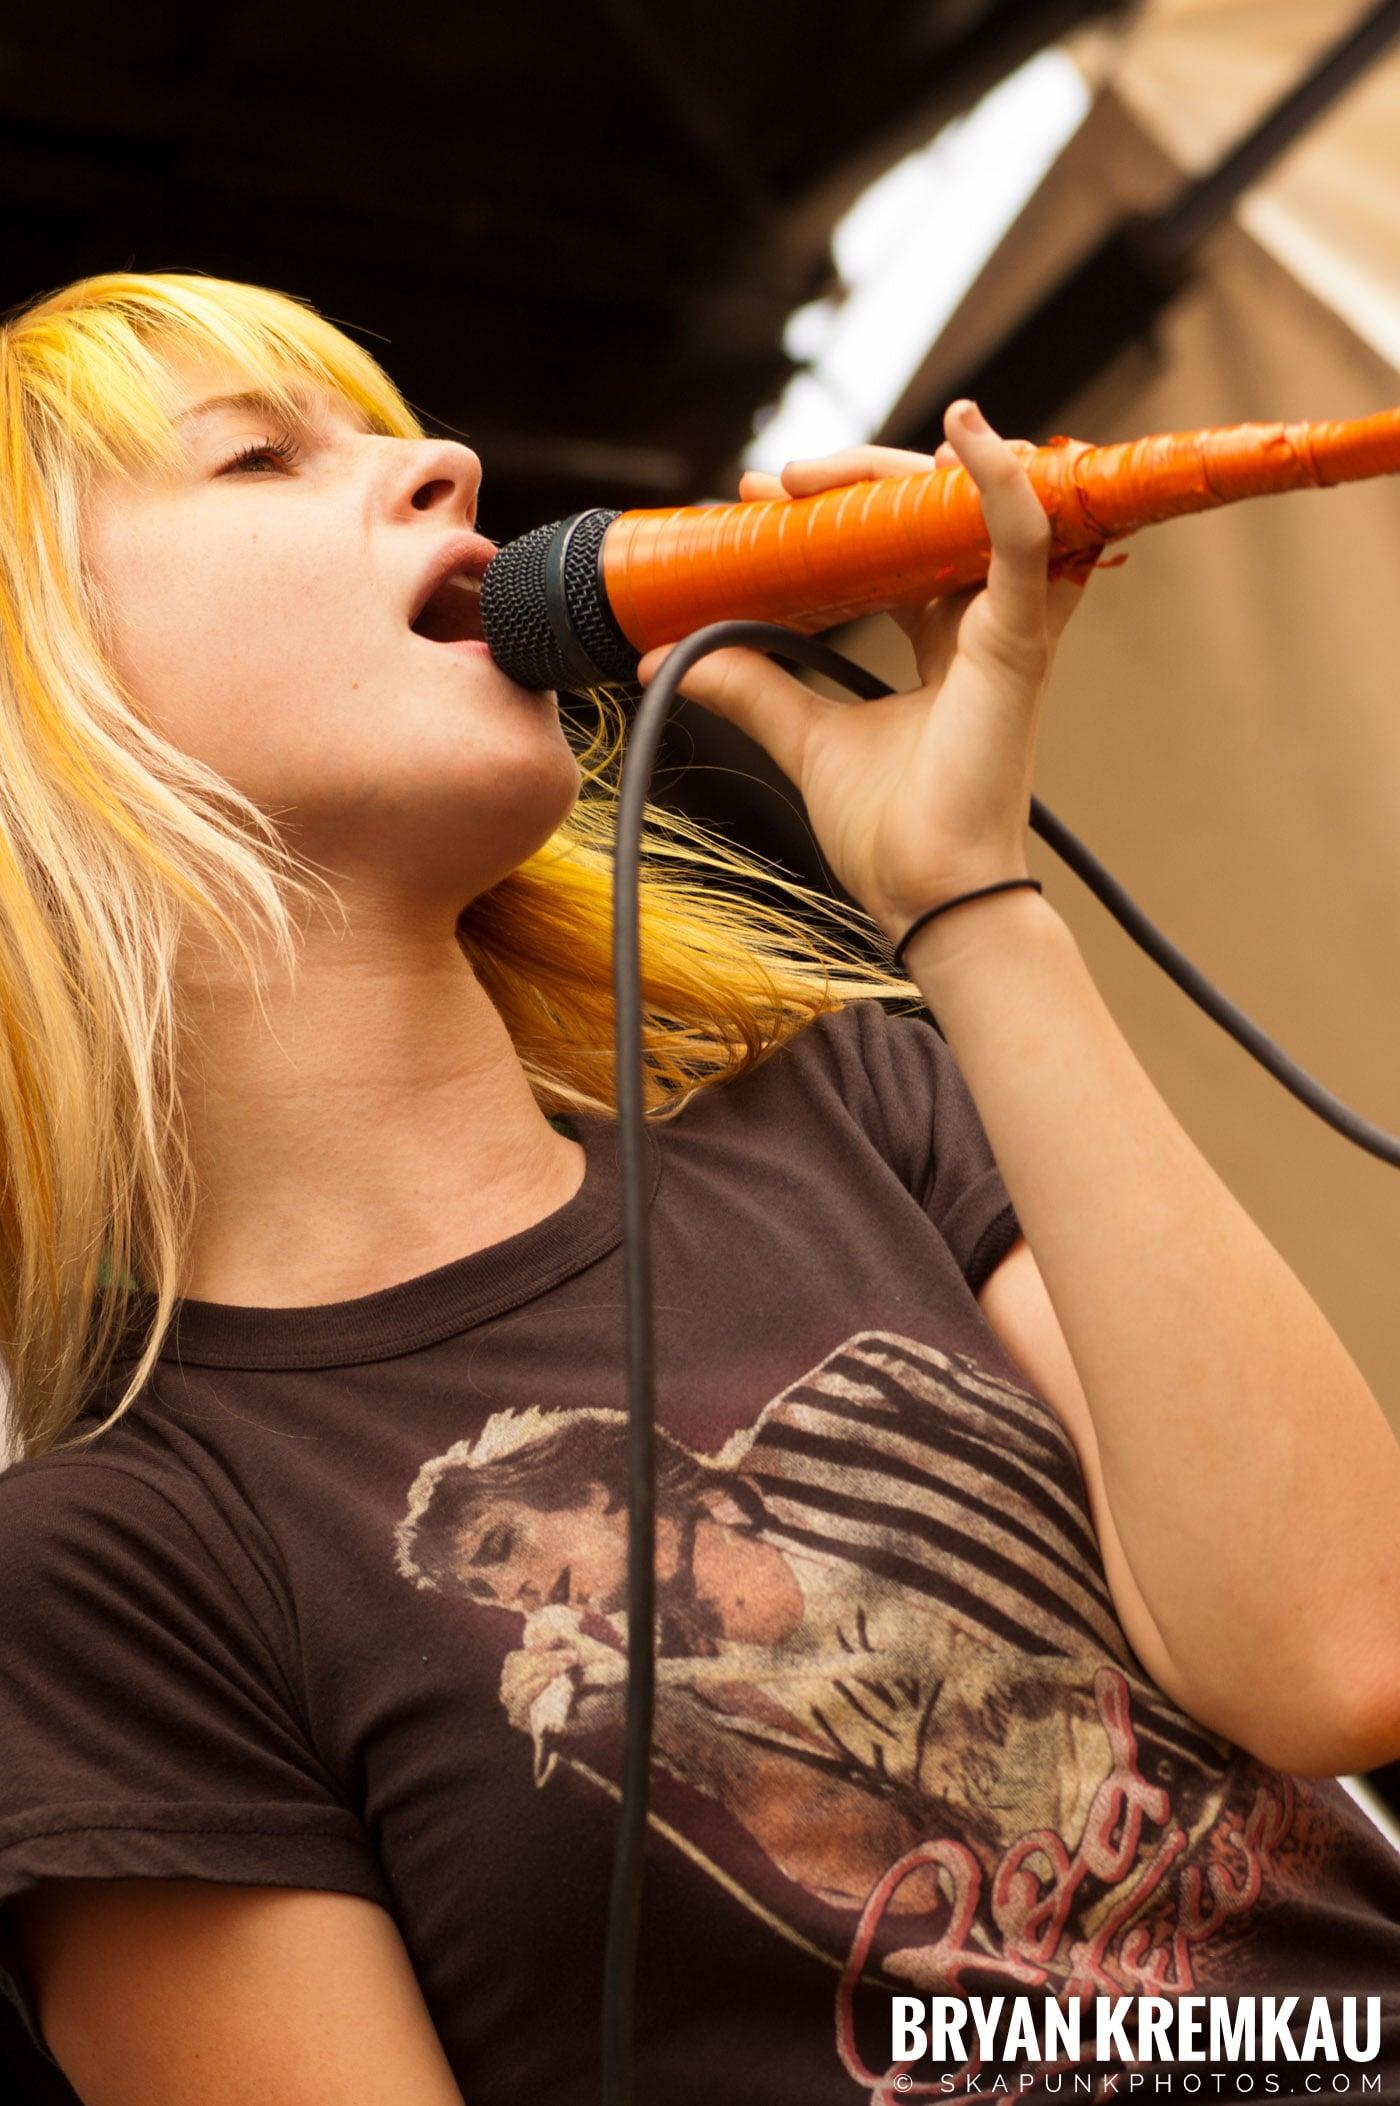 Paramore @ Warped Tour 2007, Scranton PA - 7.26.07 (4)